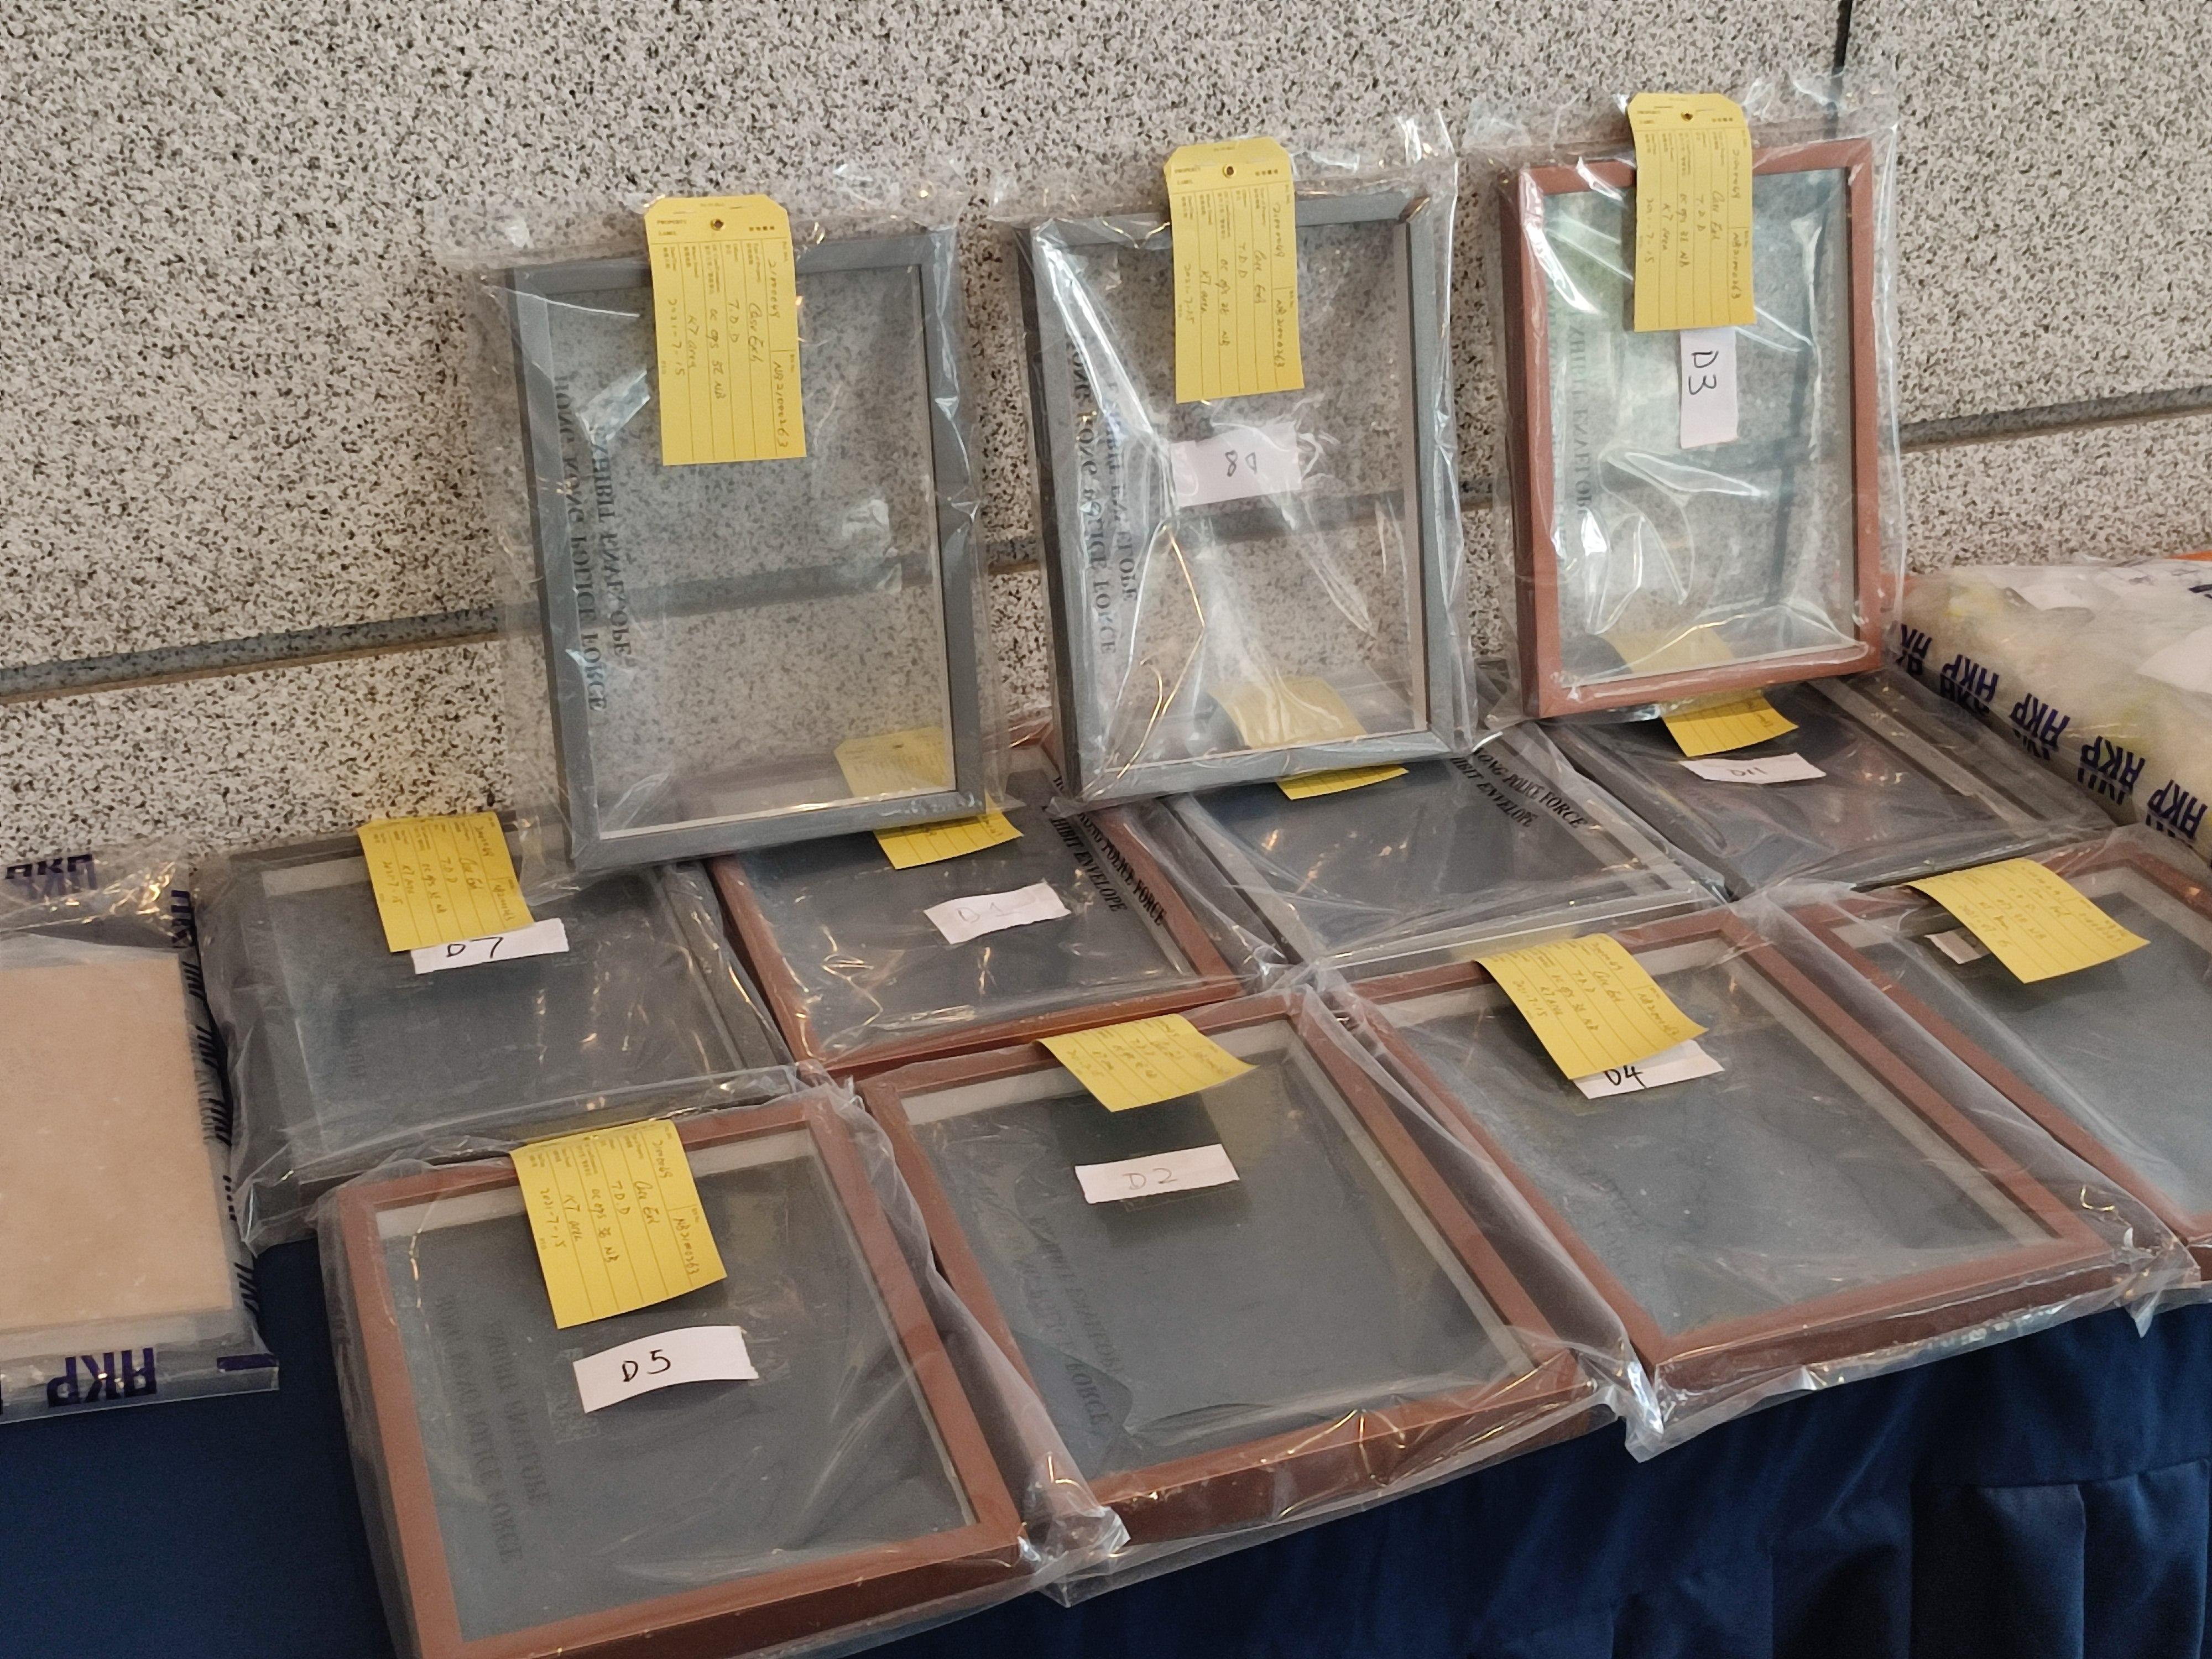 警方藍田檢值1600萬元可卡因 拘捕2男女